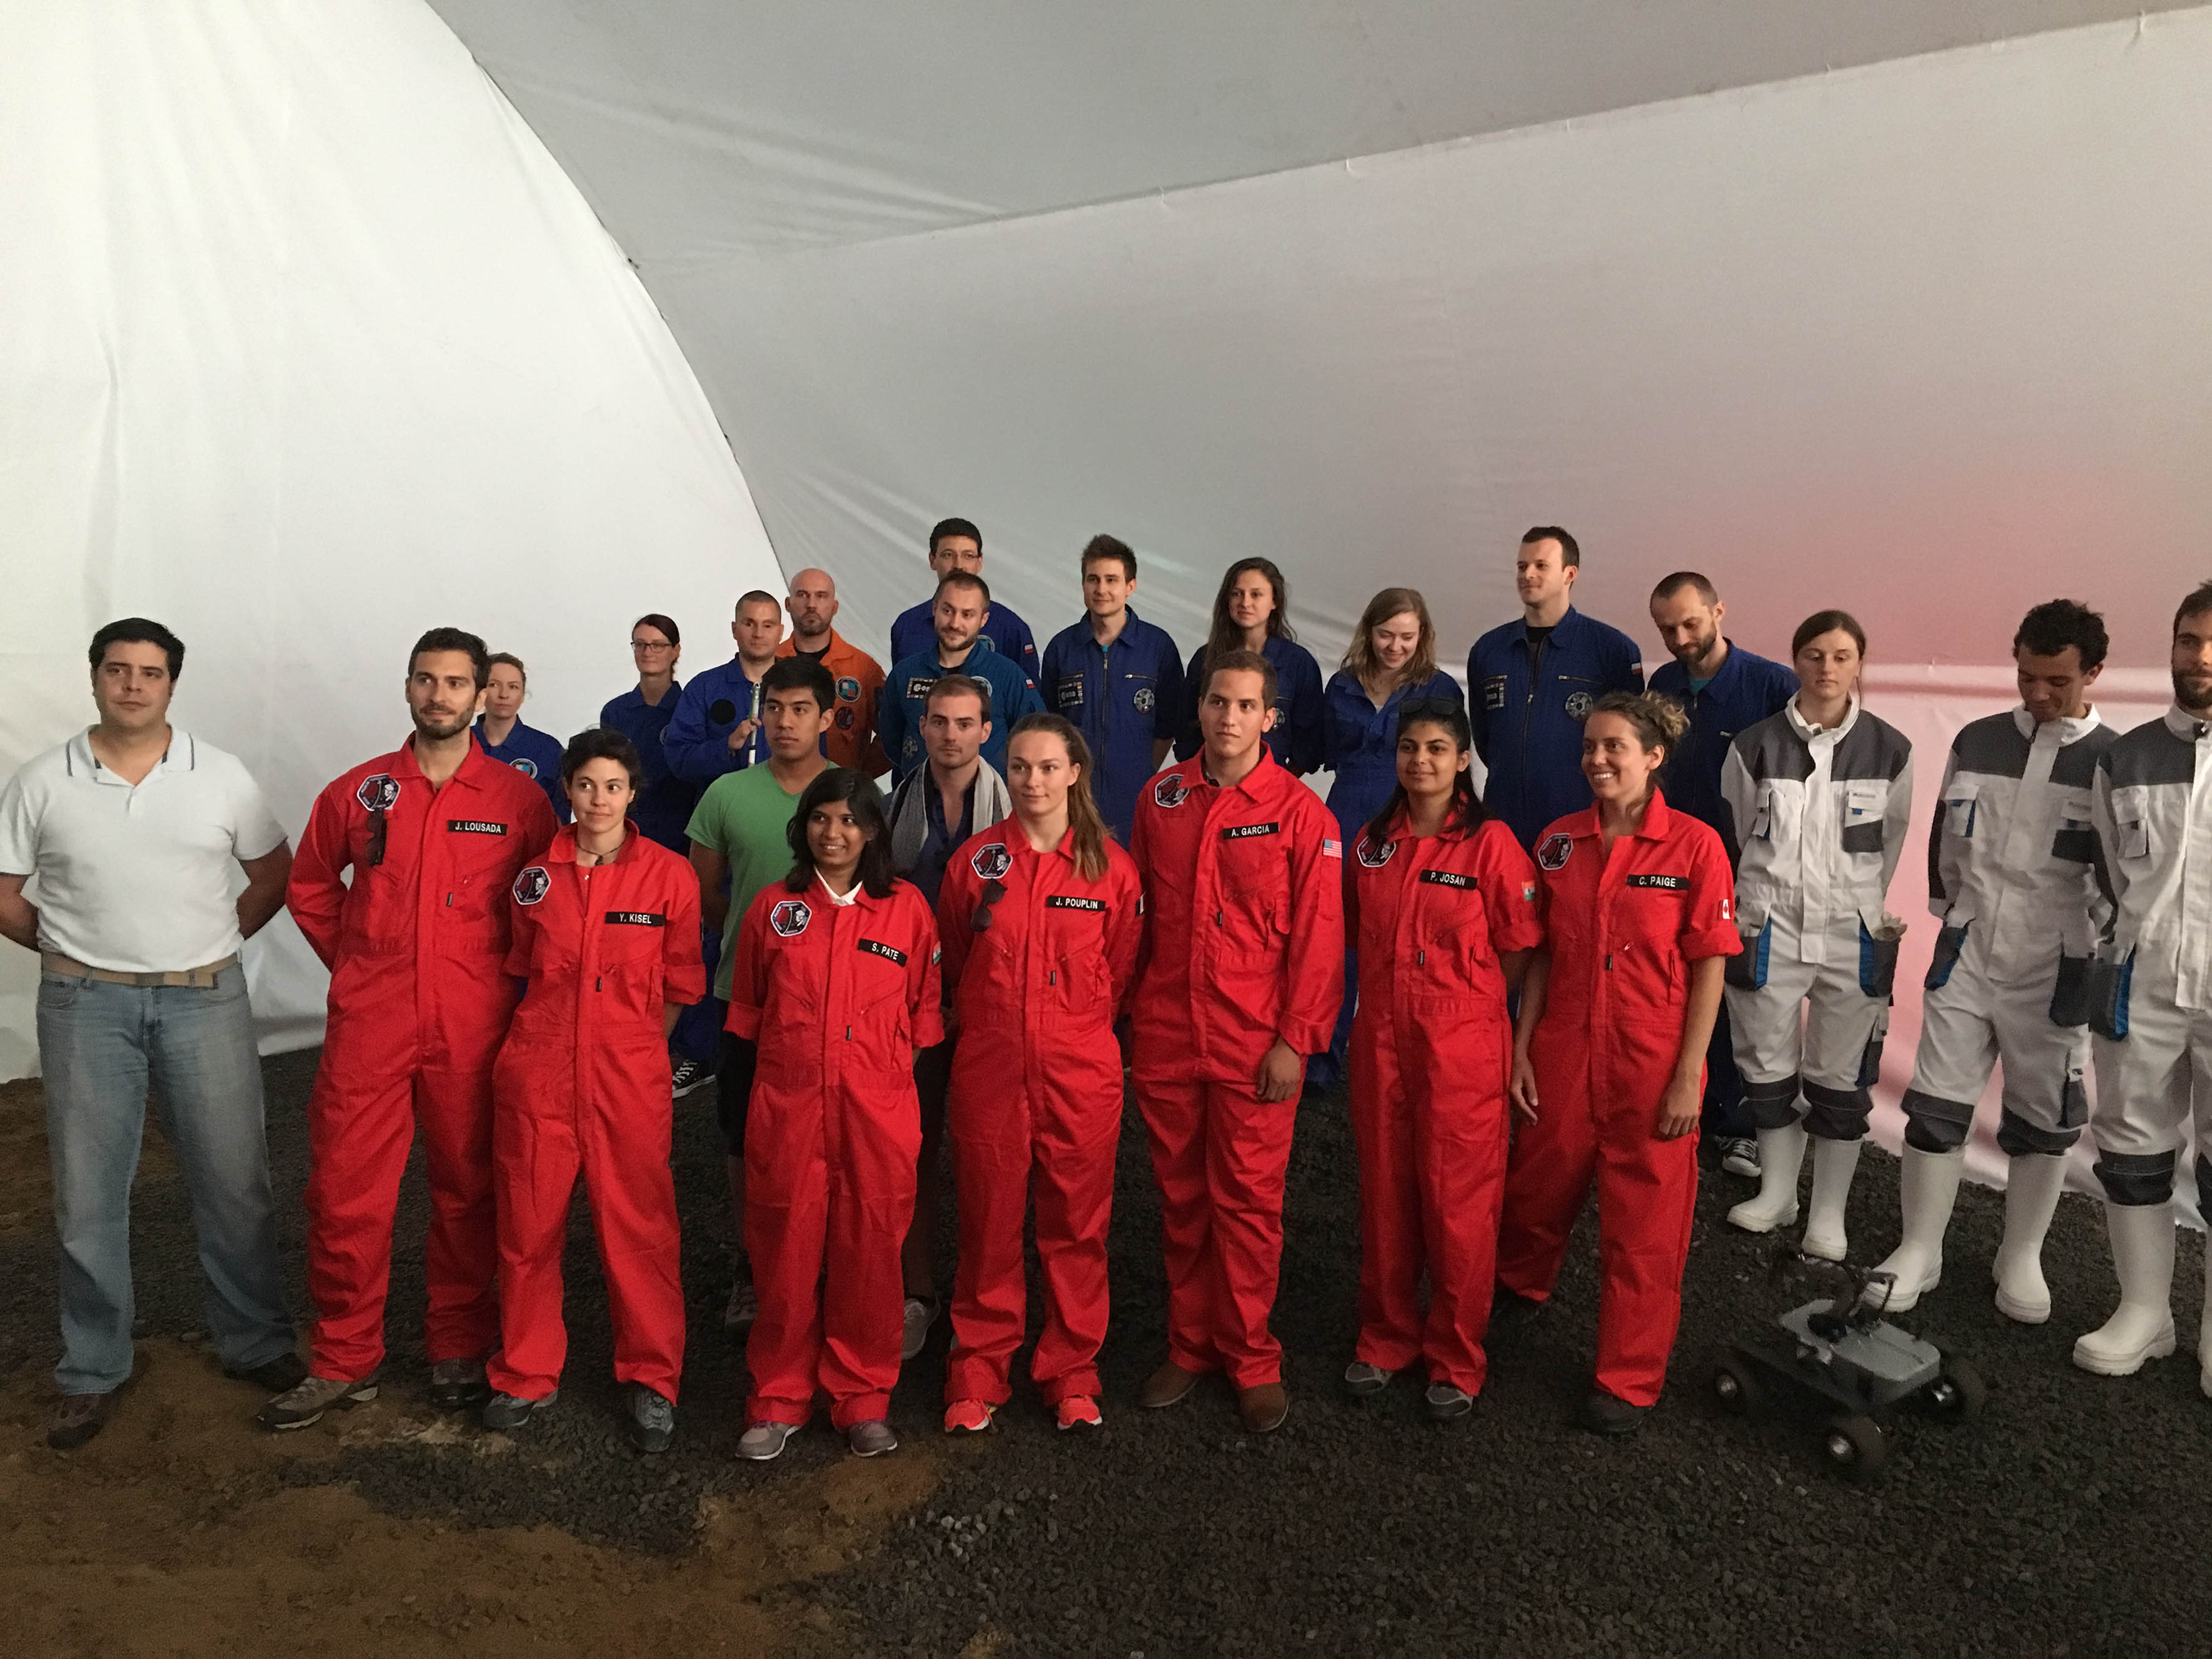 Comienza la misión simulada a Marte